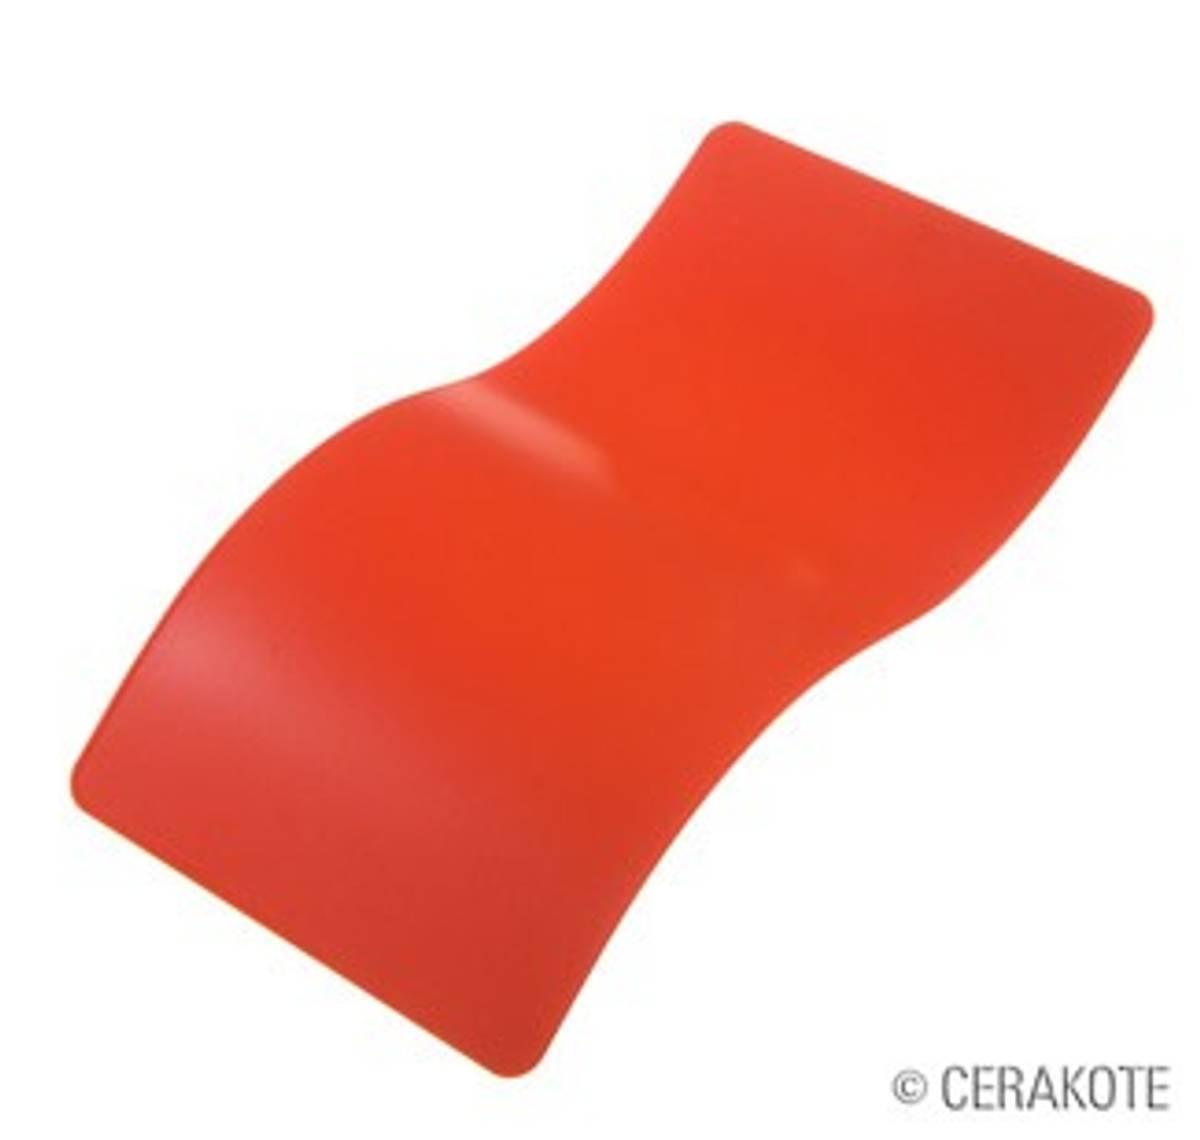 Cerakote C-143 Stoplight Red 120ml